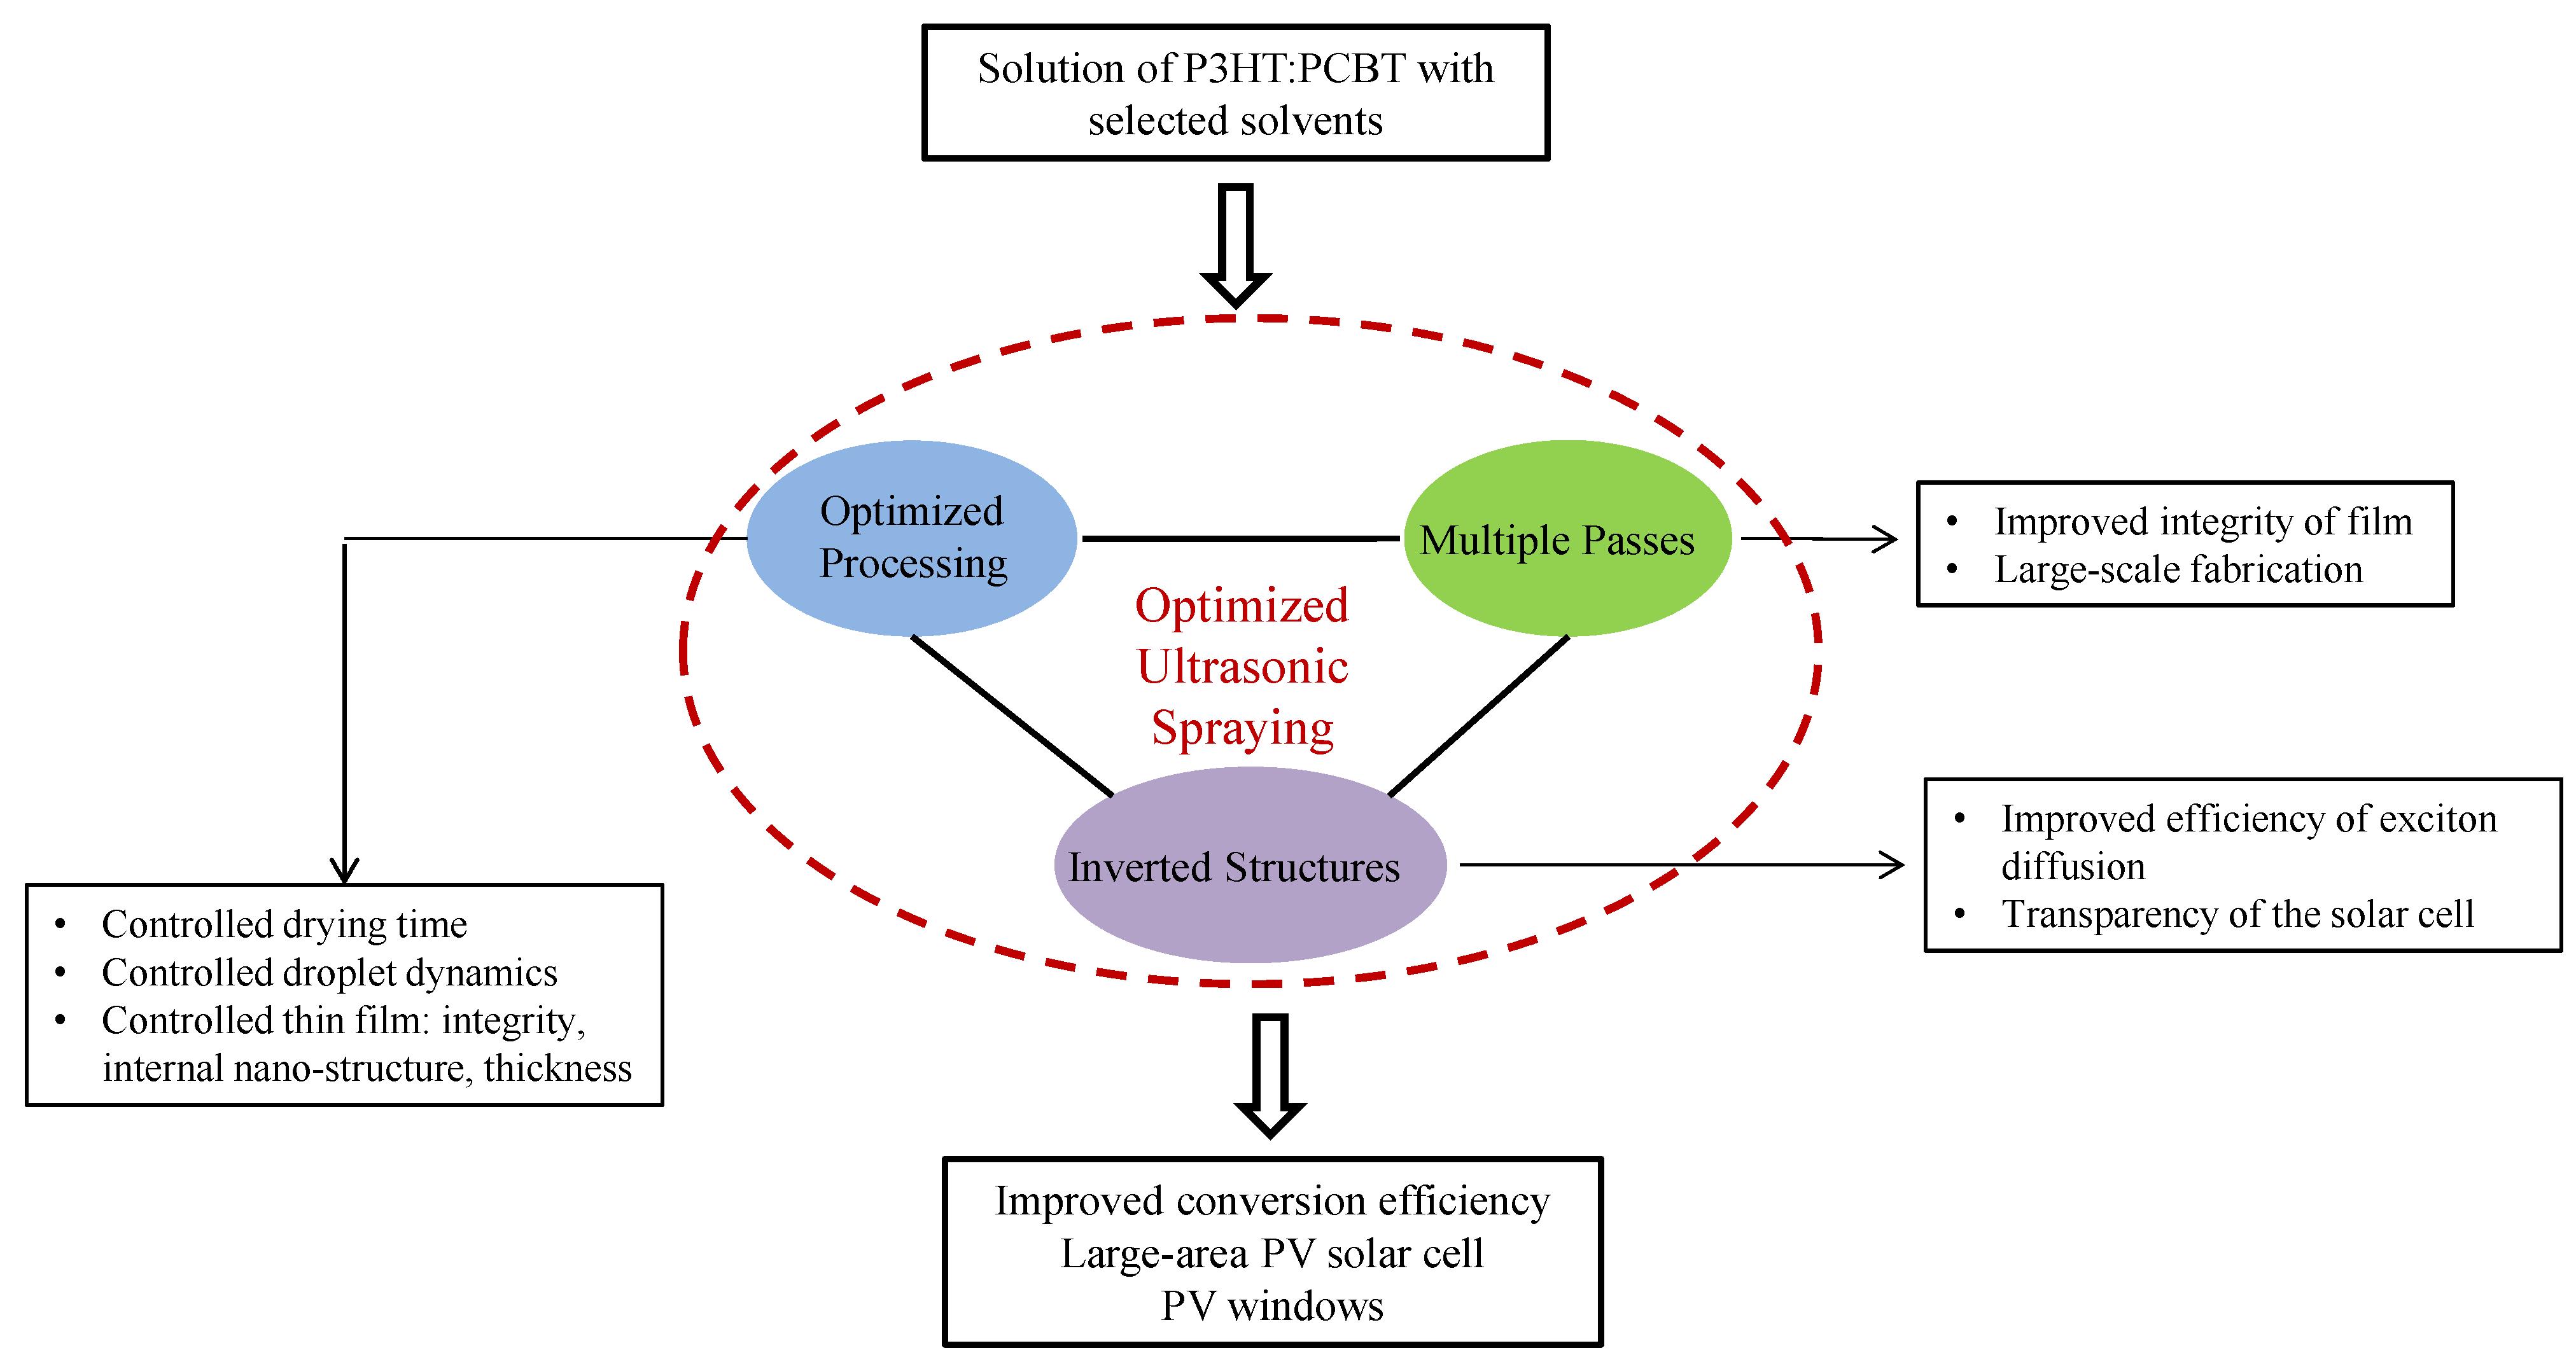 download 9. Forschungskolloquiums des Deutschen Ausschusses